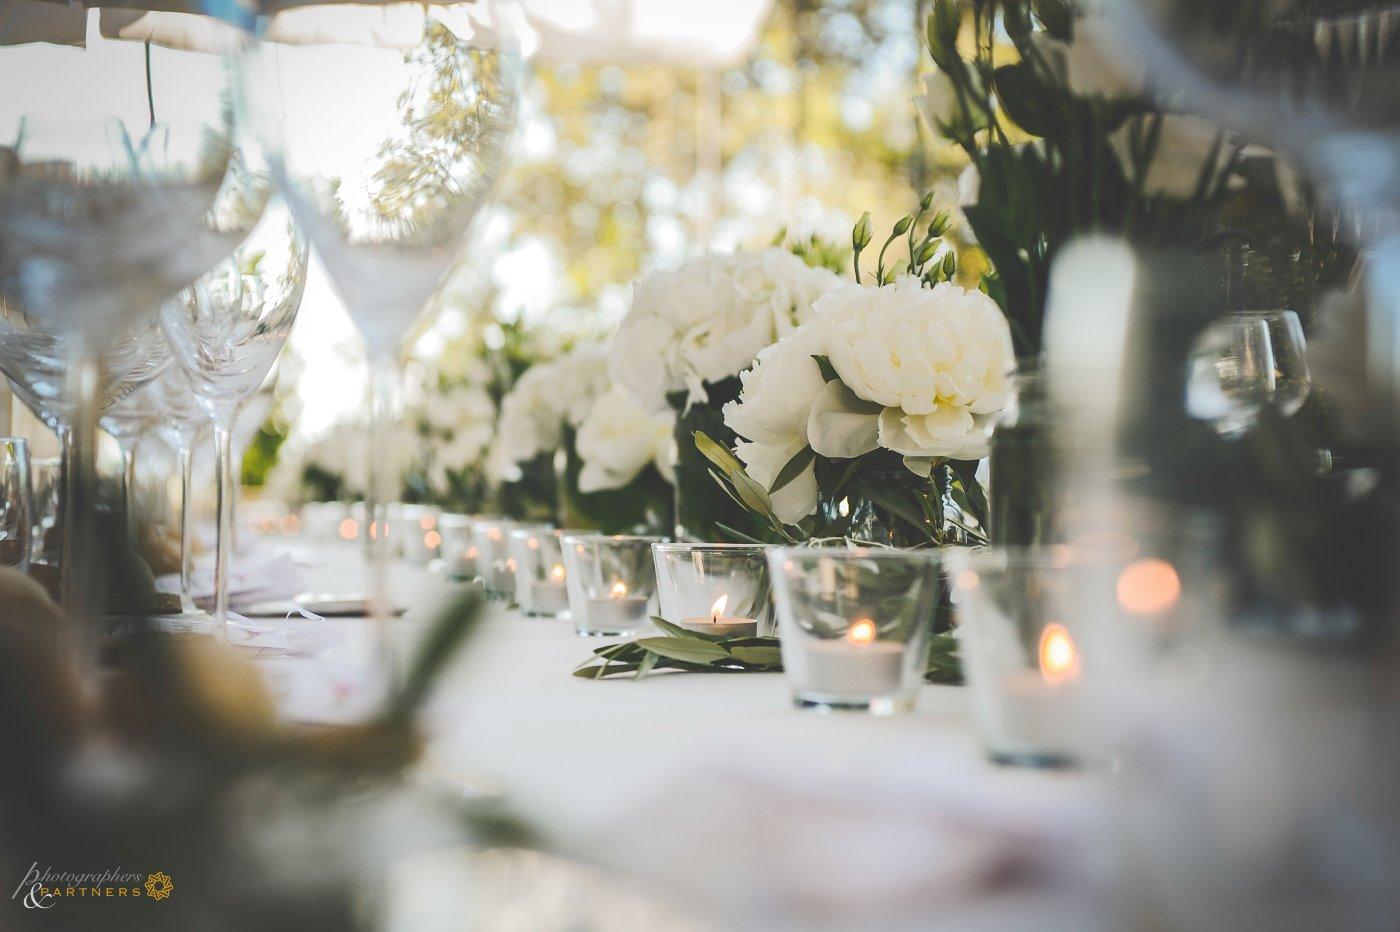 photography_weddings_bucciano_16.jpg